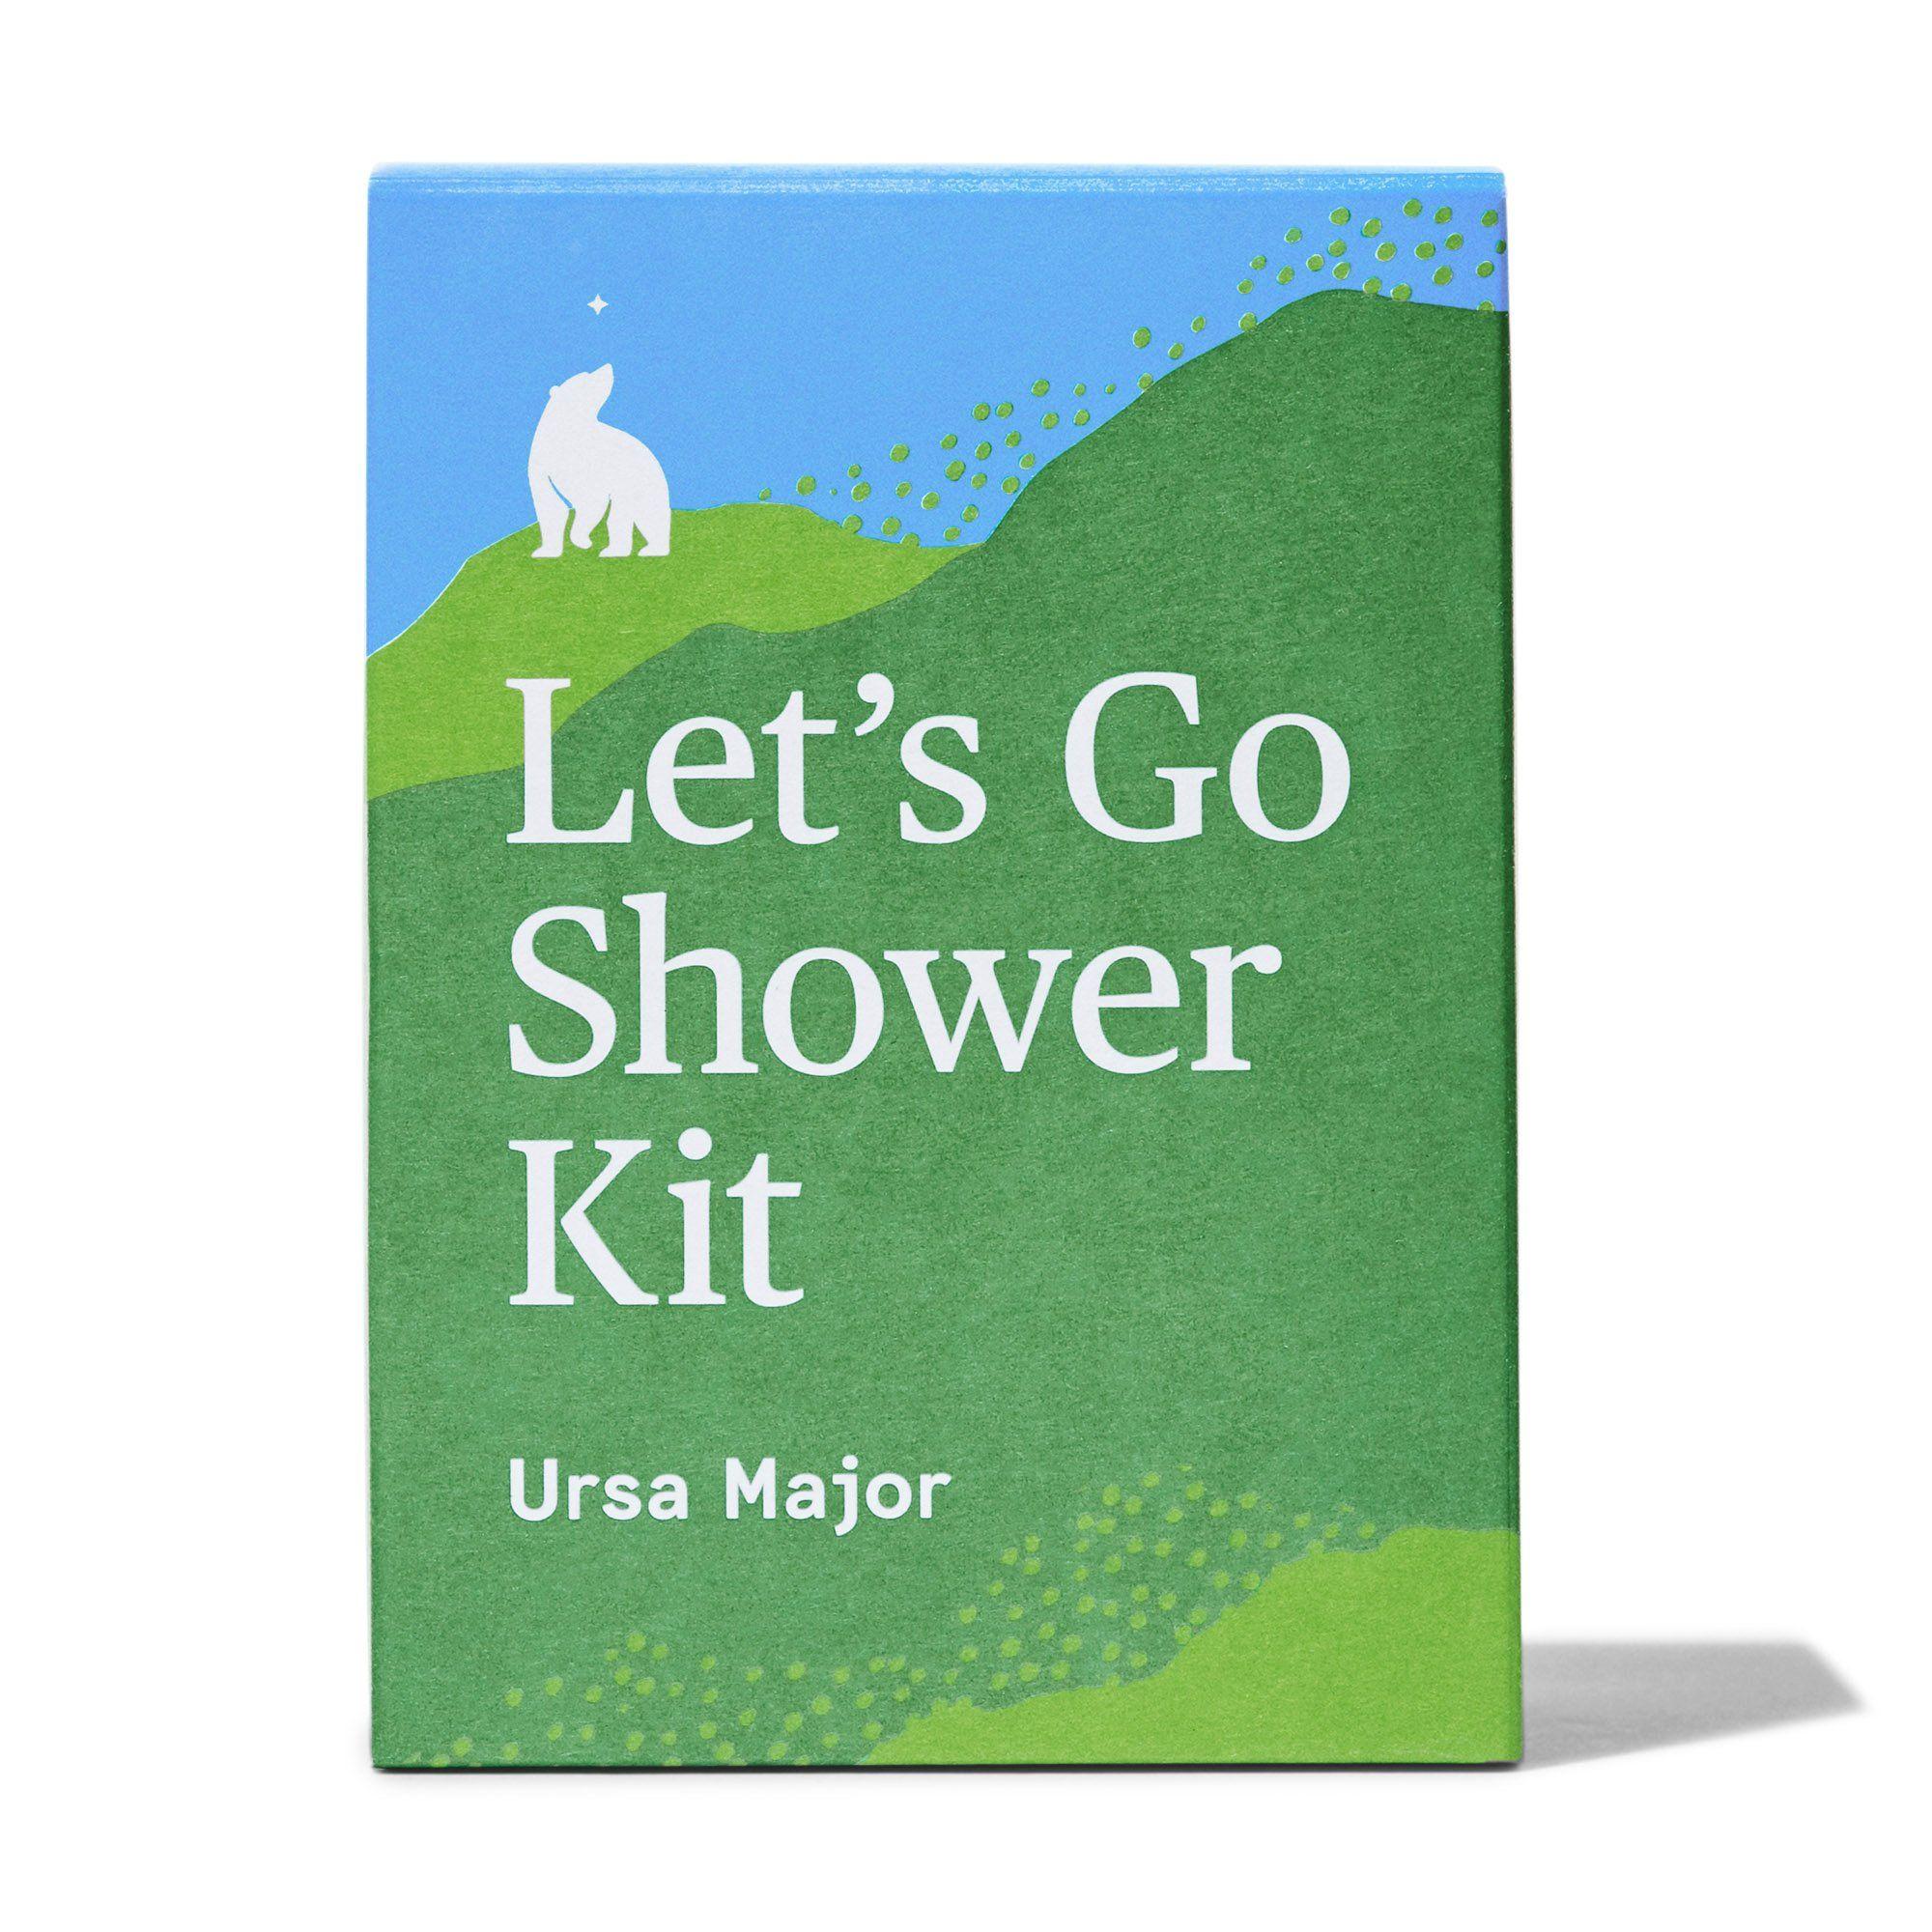 Photo of Let's Go Shower Kit